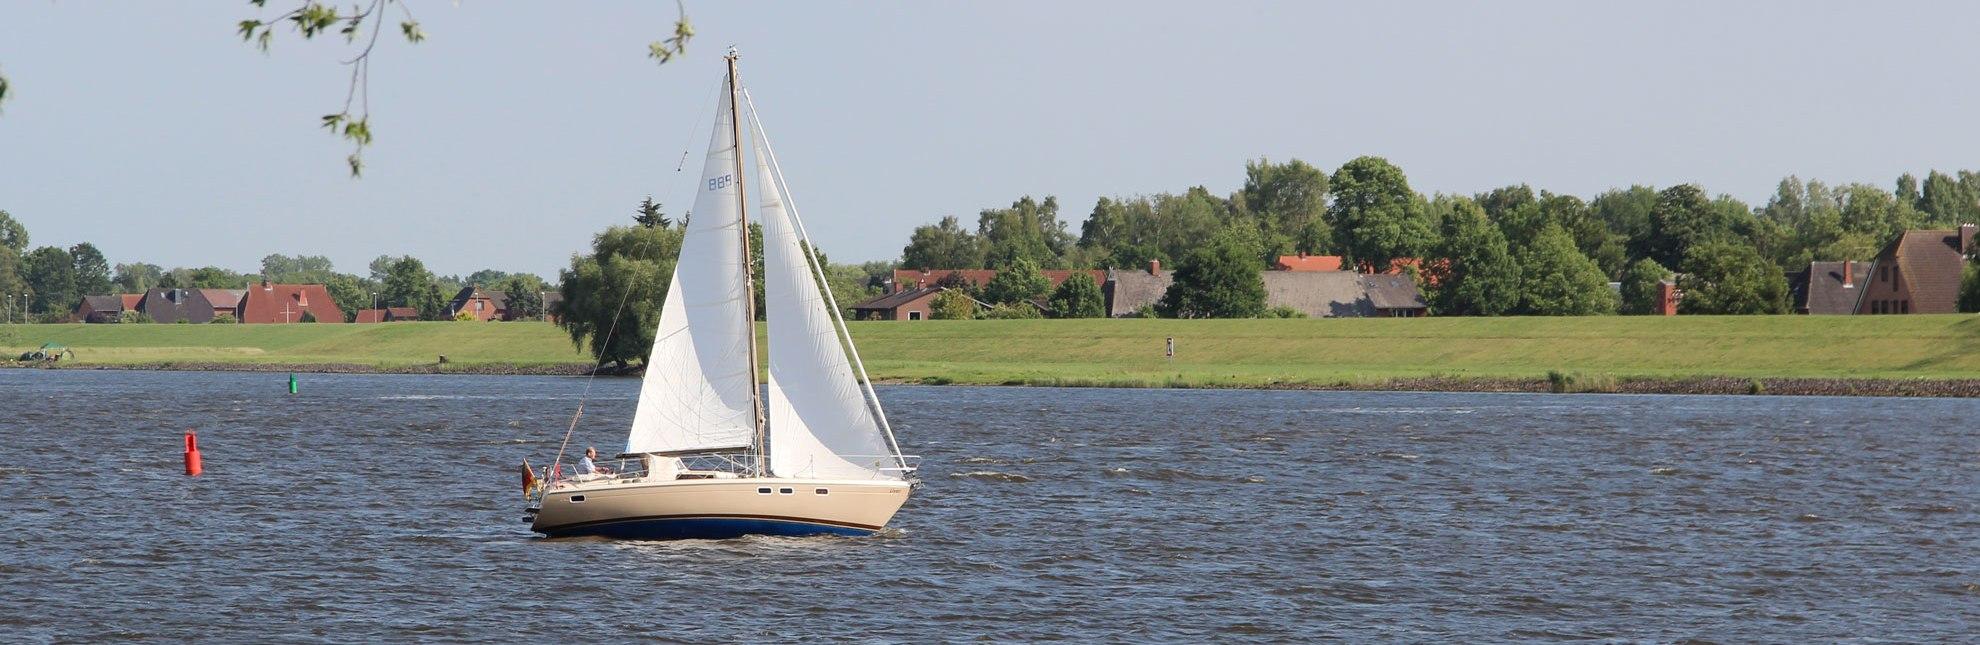 Segler auf der Elbe bei Geesthacht, © Touristinformation Geesthacht